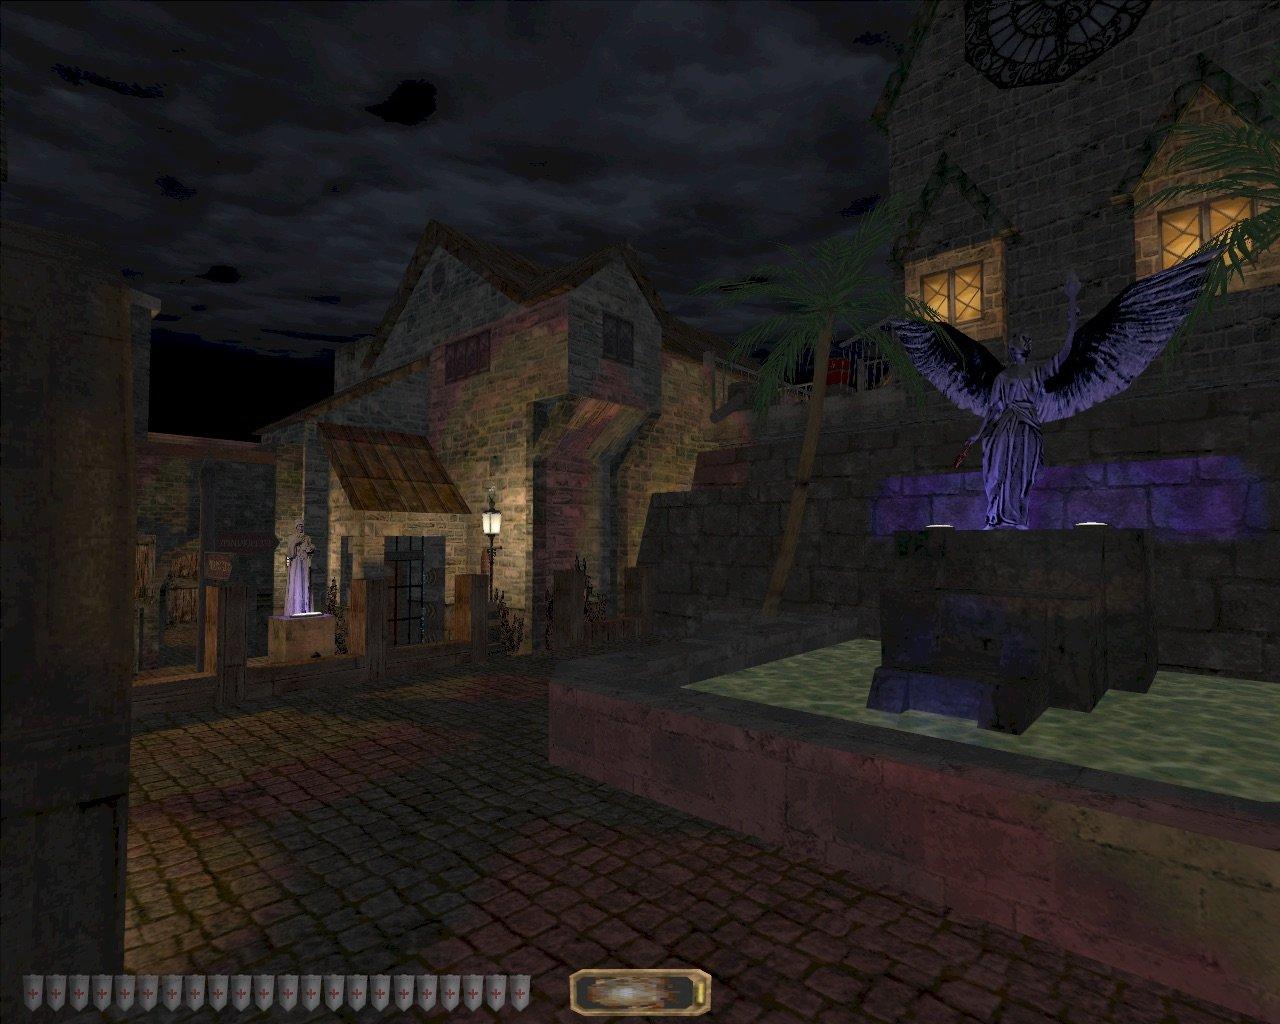 prey dishonored system shock эволюция immersive sim шутеры rpg история видеоигр отвратительные мужики disgusting men thief